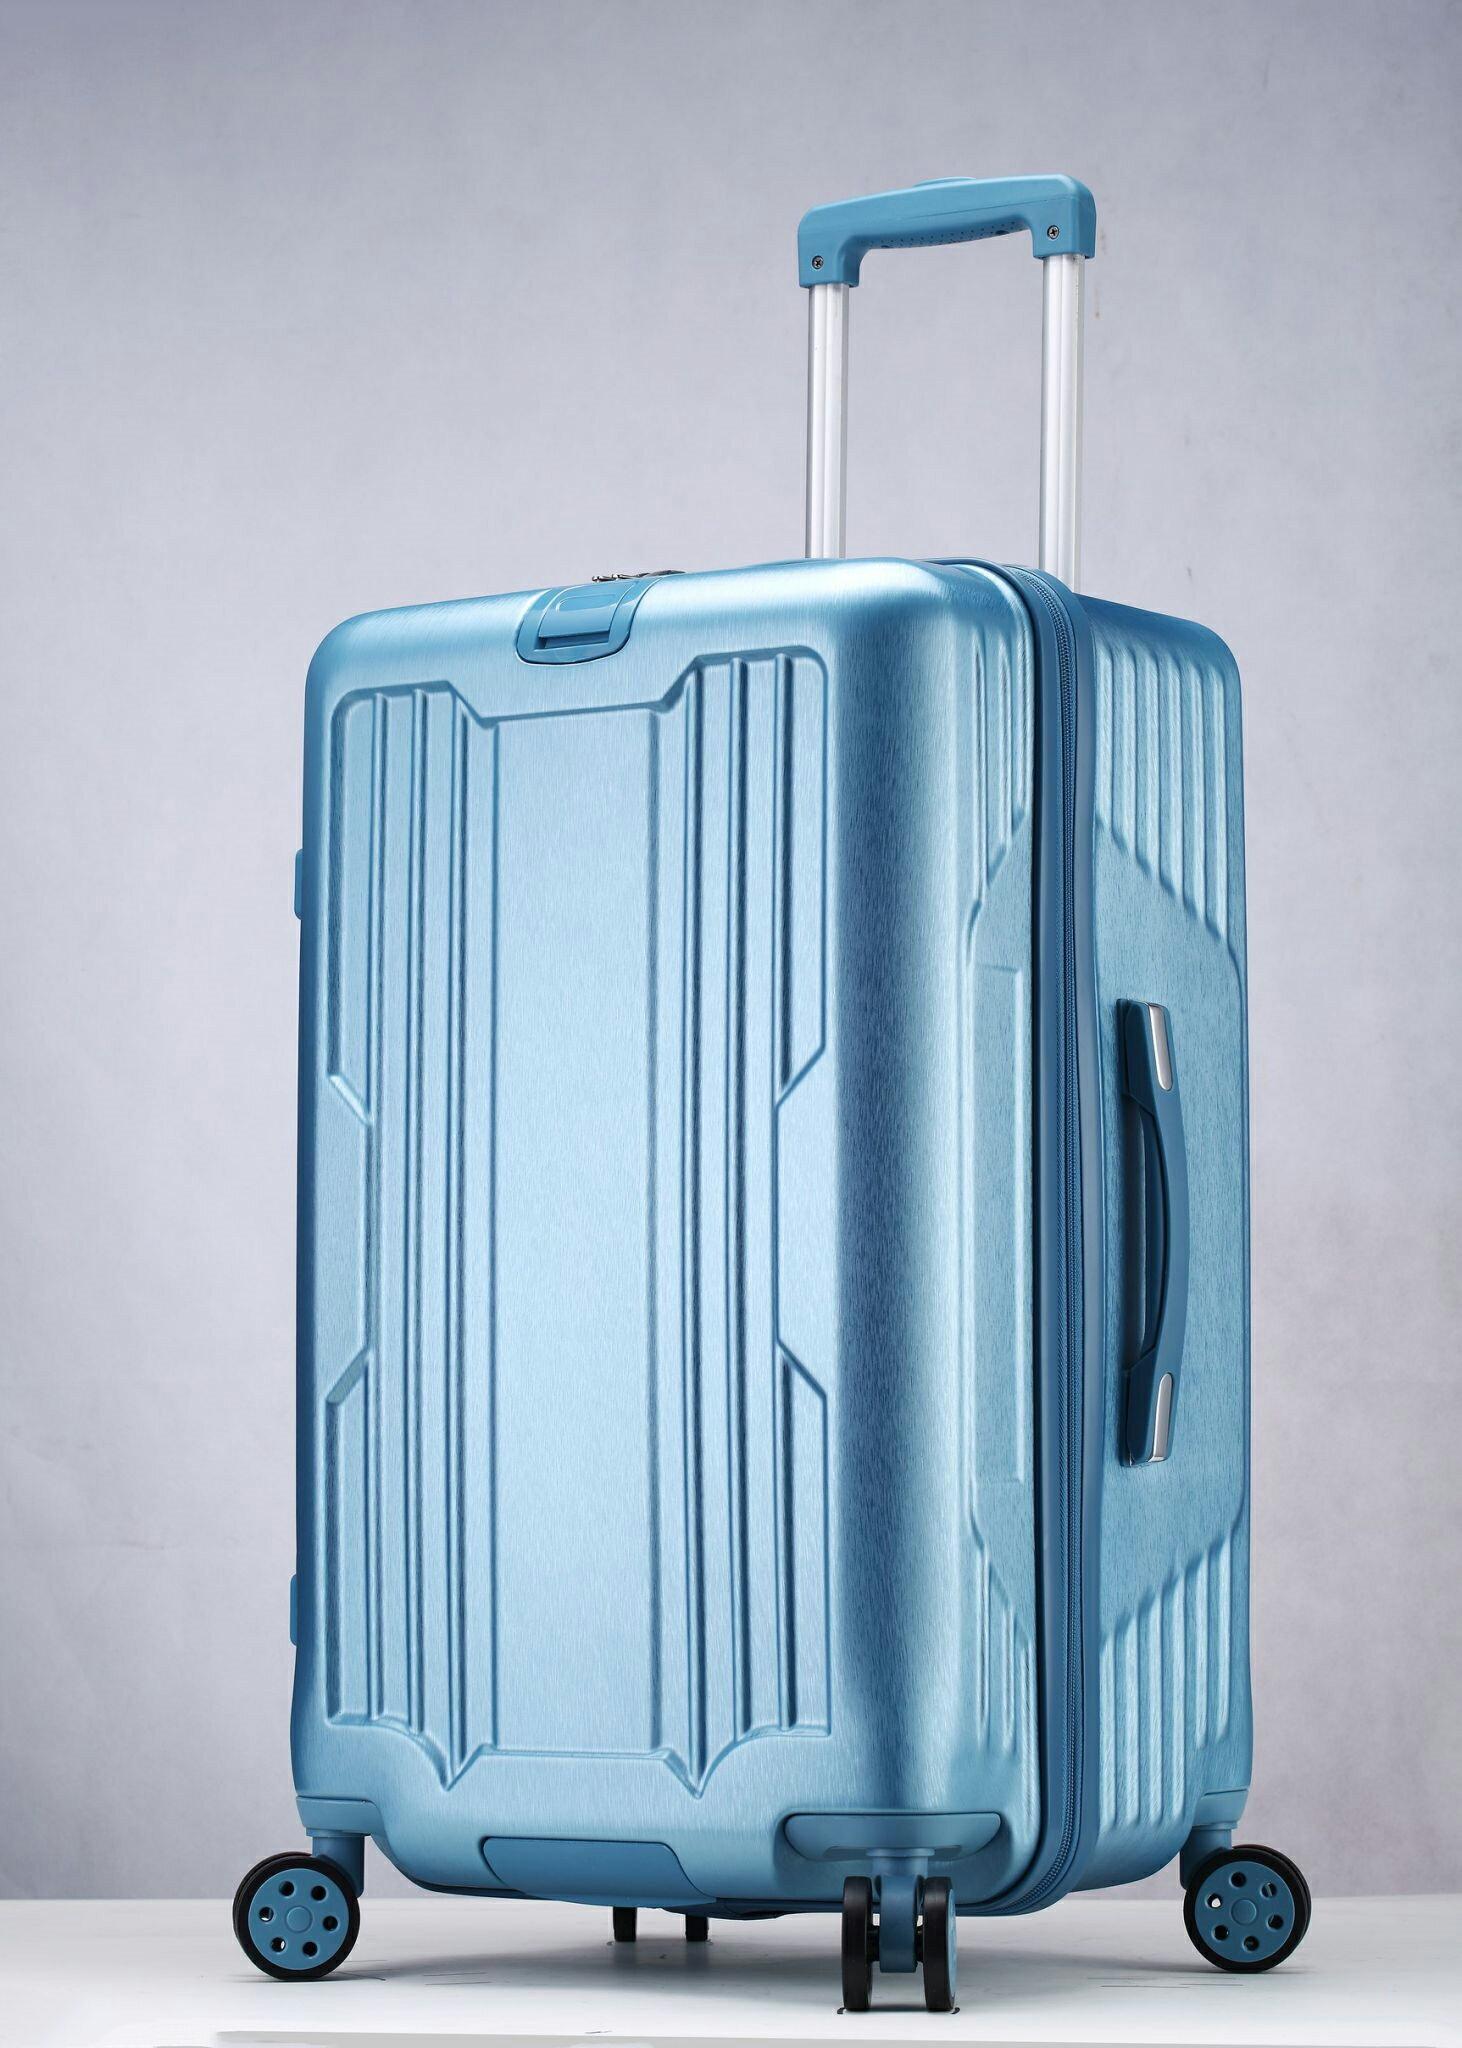 運動款 拉鍊 胖胖箱 旅行箱 20吋25吋29吋 行李箱 -鐵灰色 / 深紫色 / 玫瑰金-現貨當日出貨-免運台南可預約自取 1